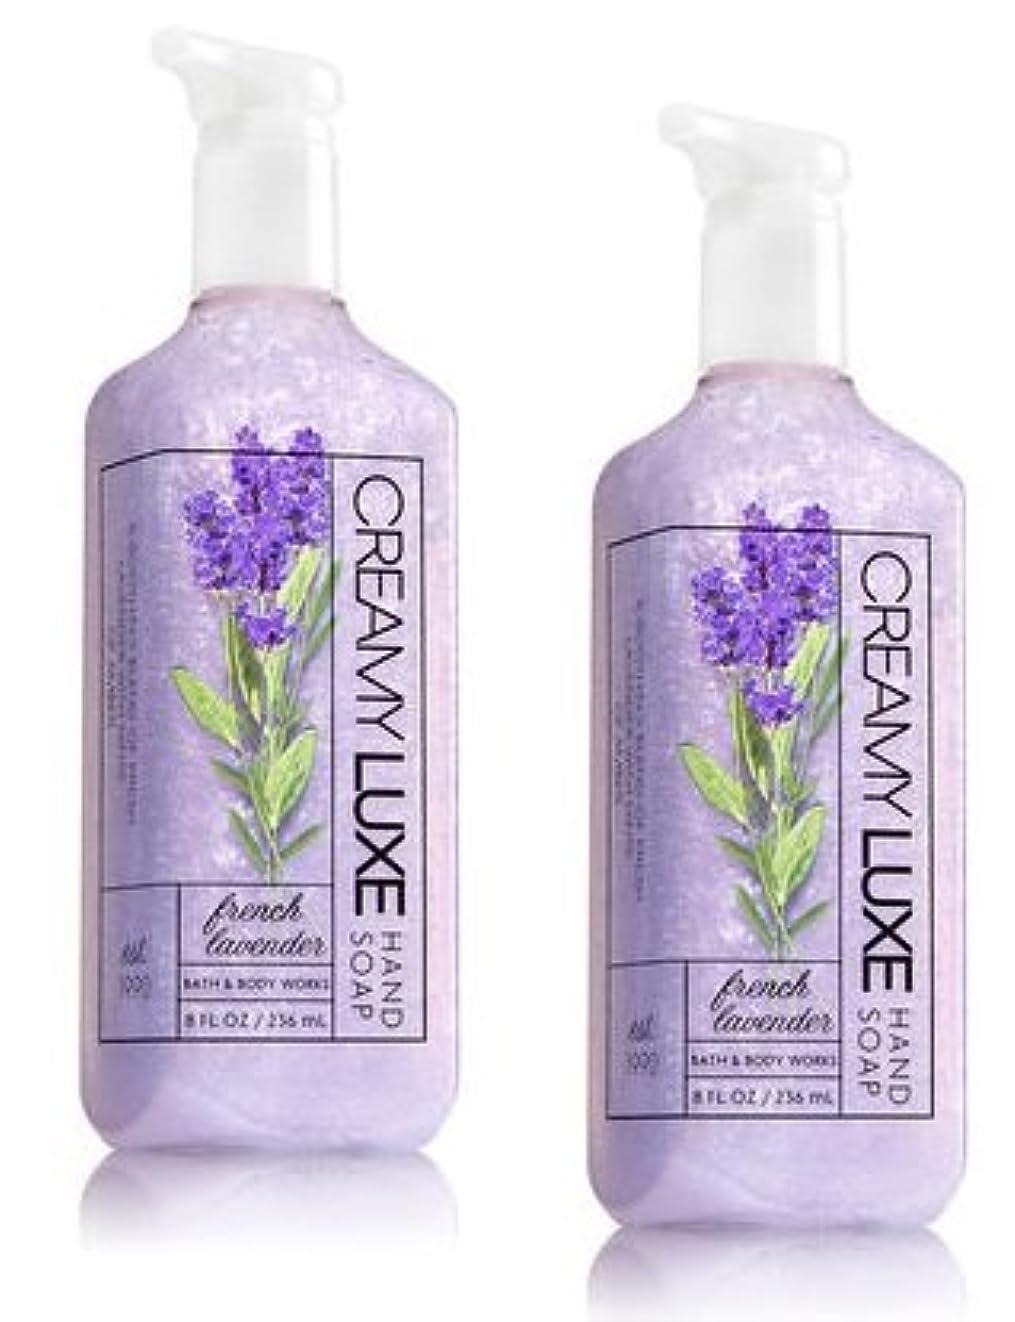 ポルティコ叙情的な彫るBath & Body Works フレンチラベンダー クリーミー リュクス ハンドソープ 2本セット French Lavender Creamy Luxe Hand Soap. 8 oz [並行輸入品]